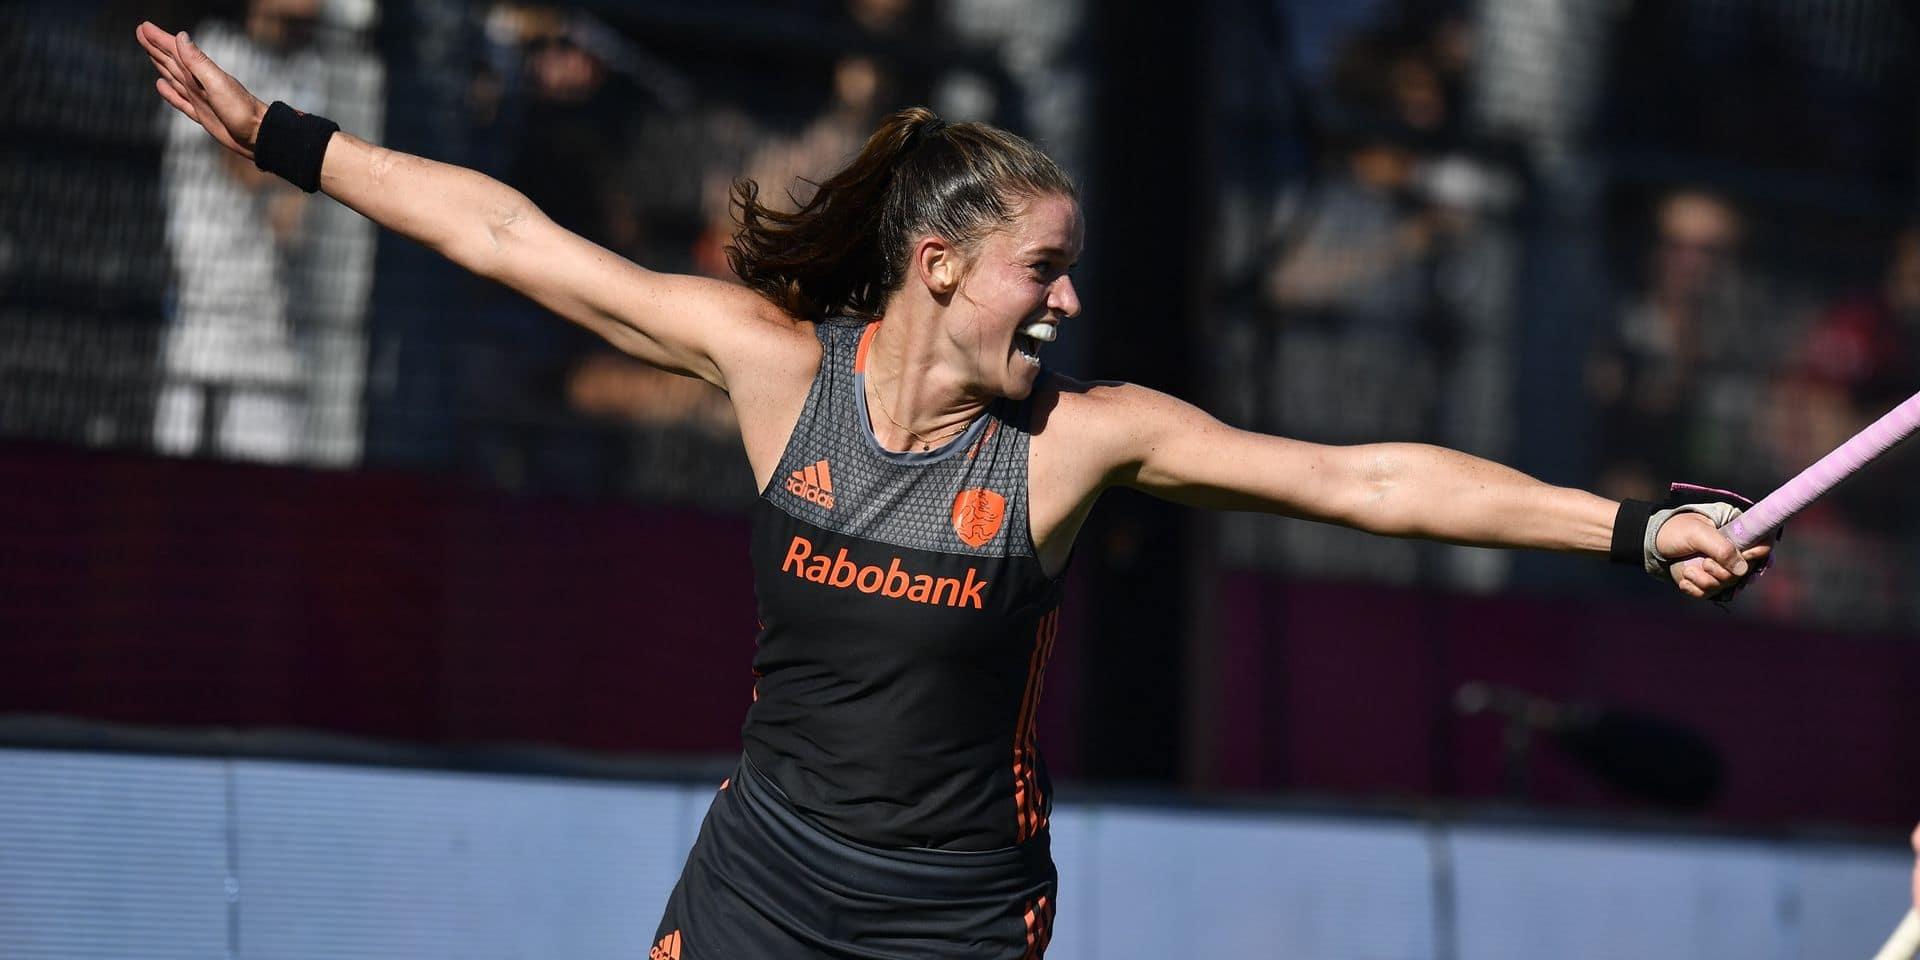 Euro 2019 de hockey: Les Pays-Bas décrochent leur 10e titre européen en battant 2-0 l'Allemagne de Reckinger